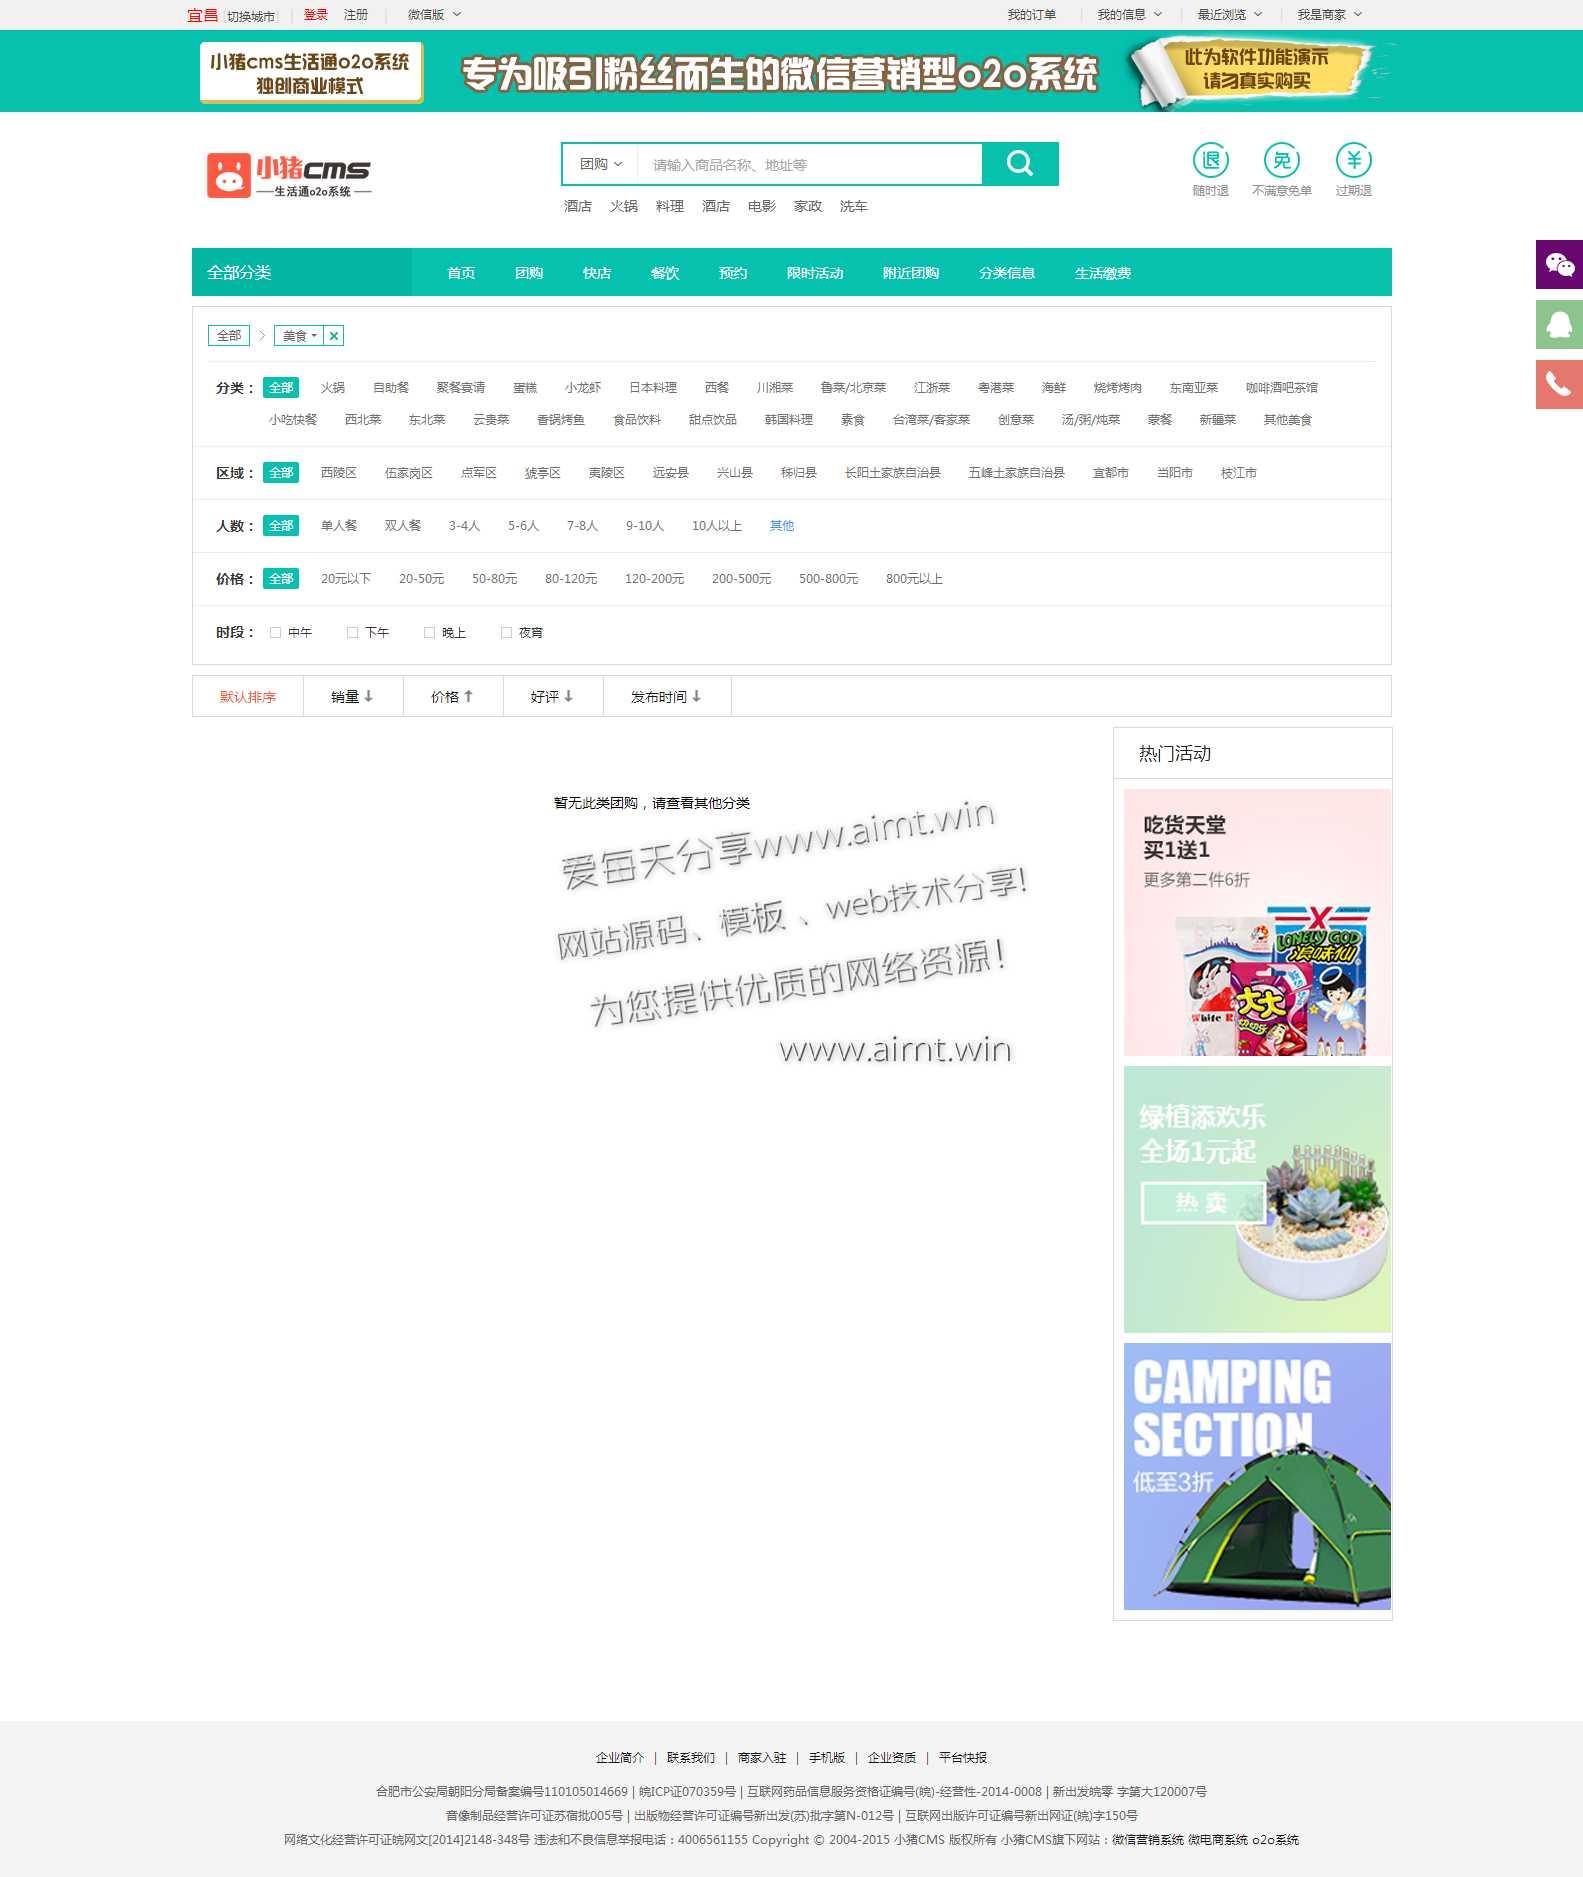 FireShot Pro Screen Capture #028 o2oyc_pigcms_com_category_meishi